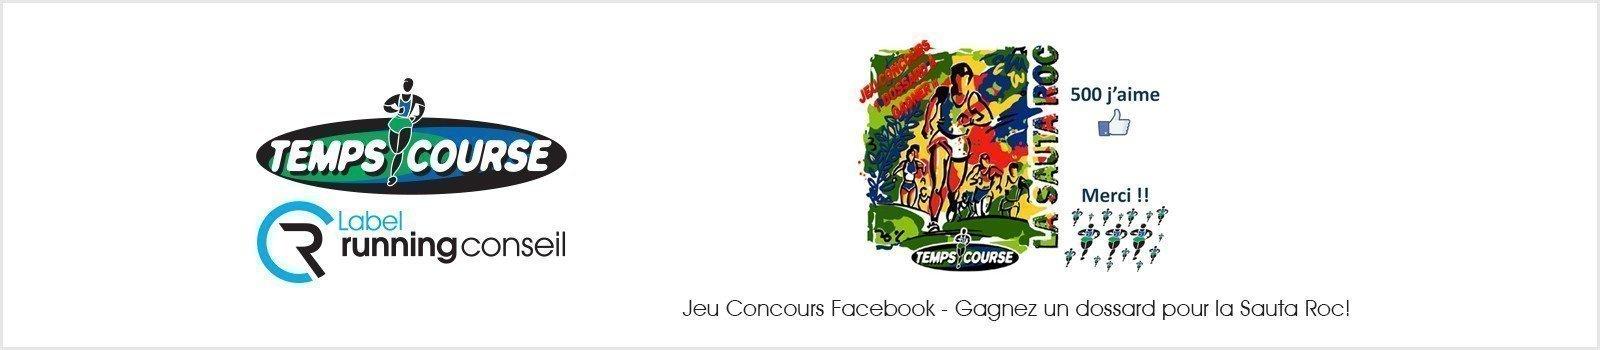 Jeu Concours Facebook - Gagnez un dossard pour la Sauta Roc!